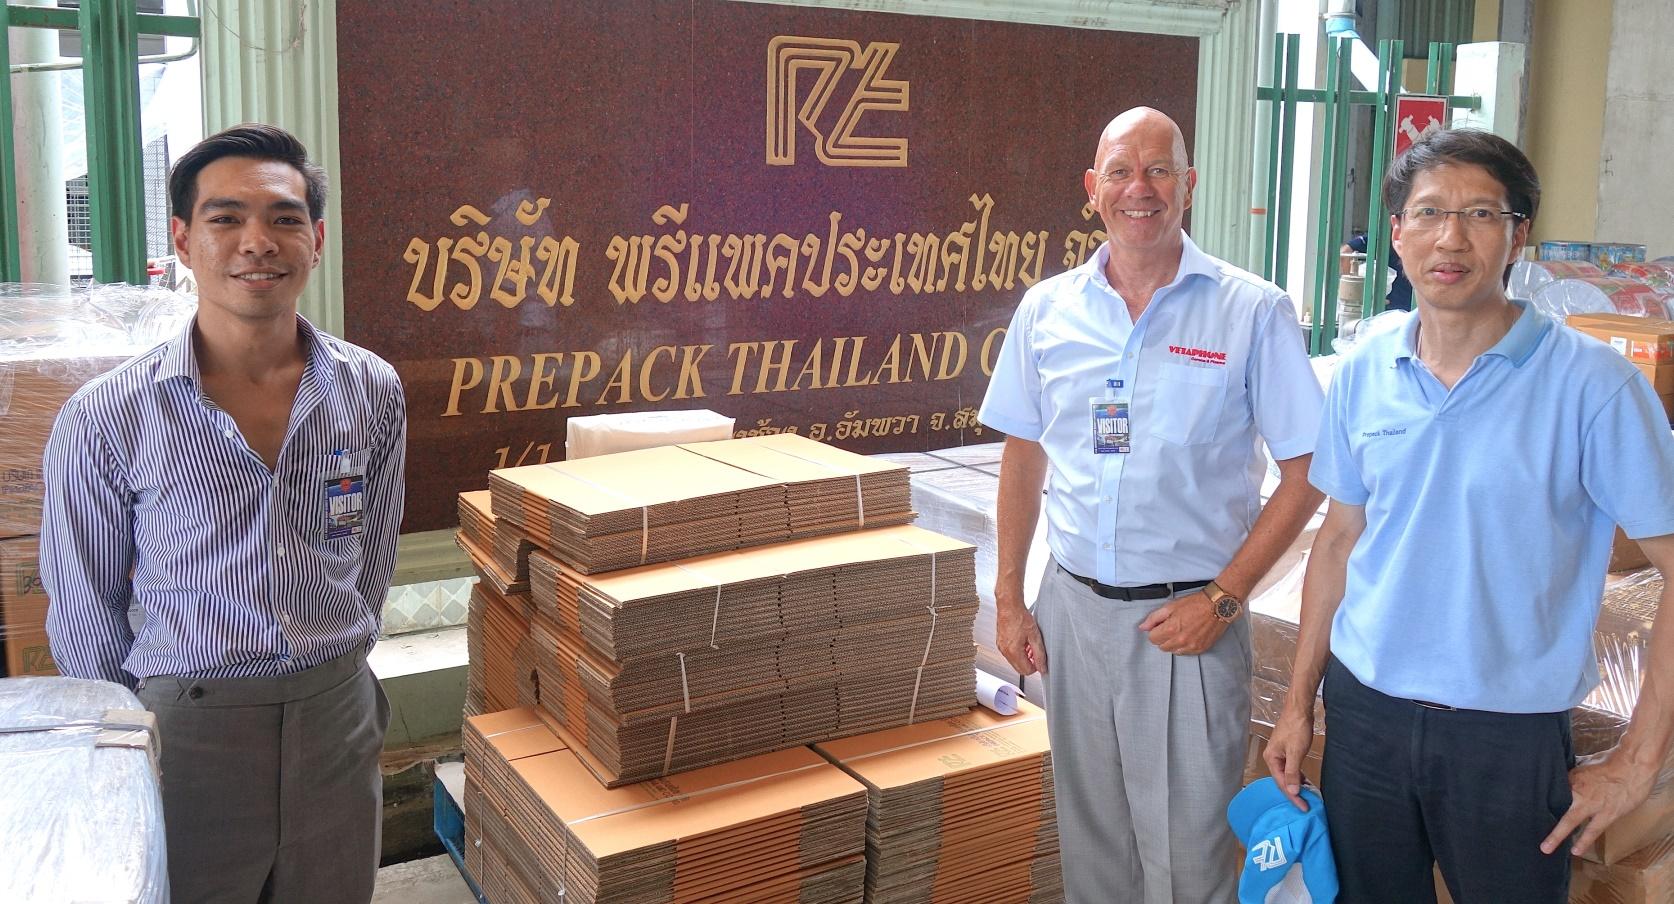 Prepack Thailand